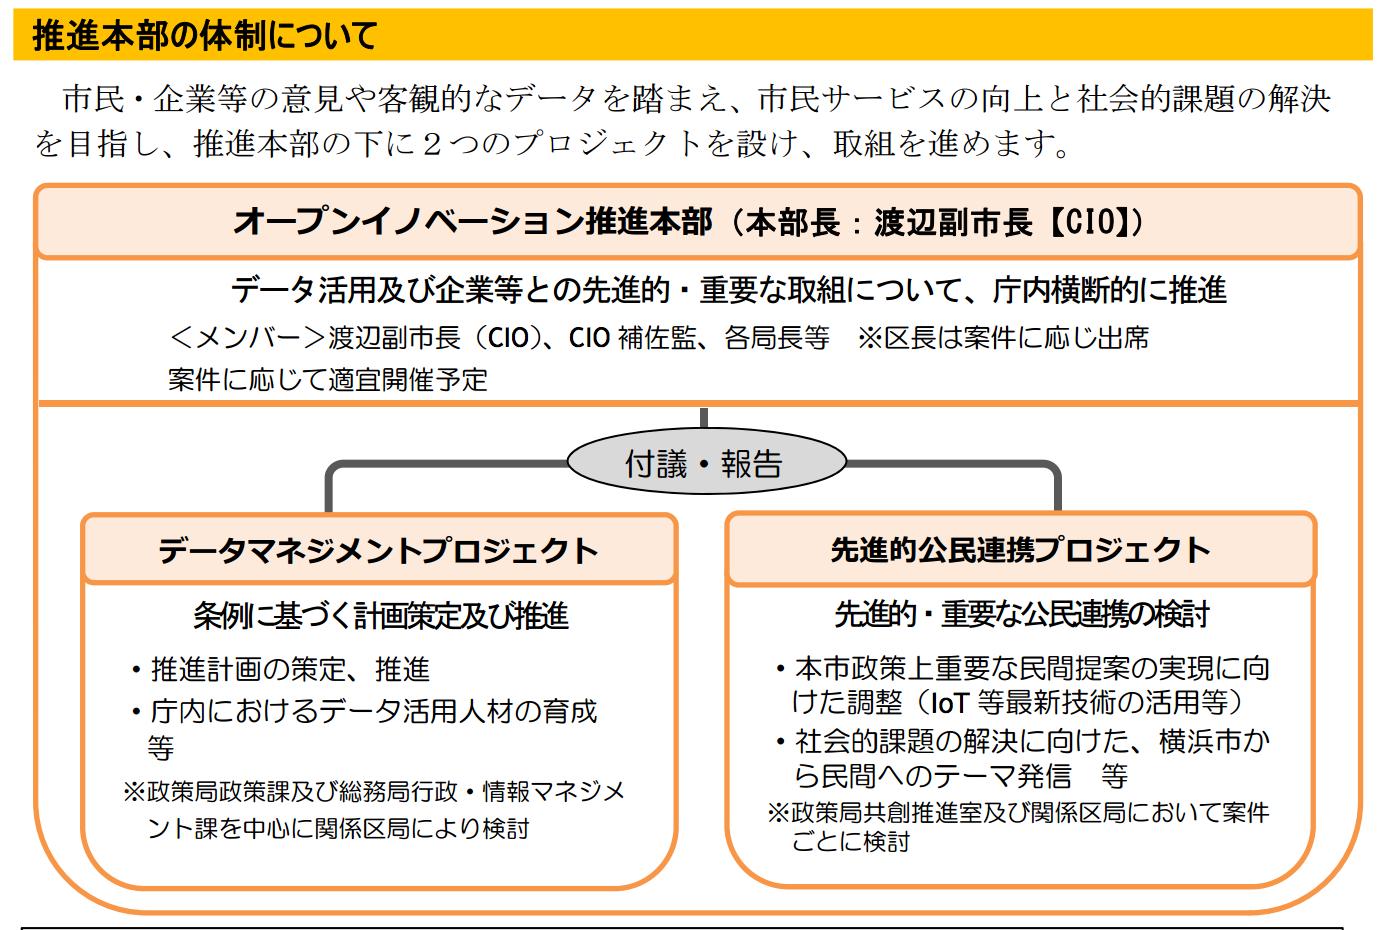 「オープンイノベーション推進本部」